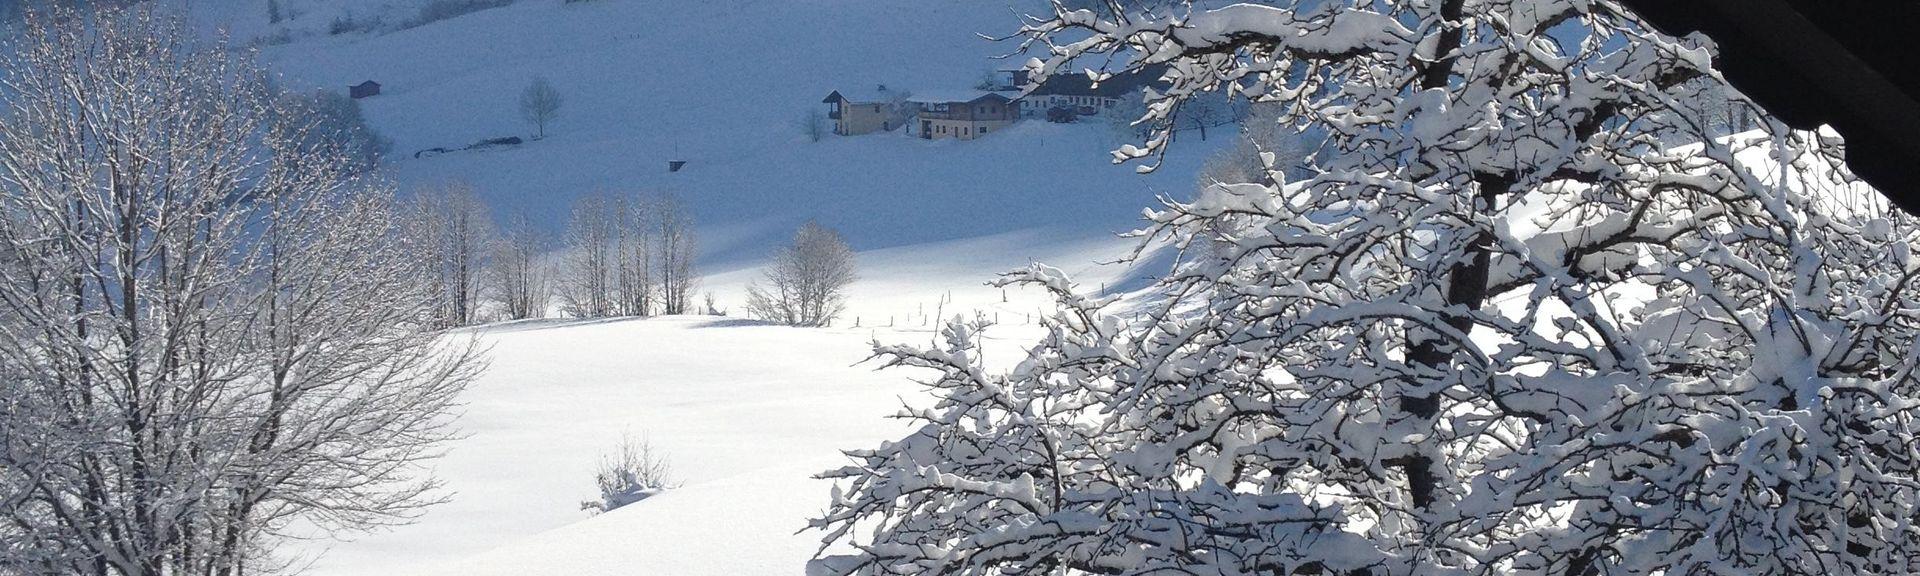 Kammerköhr skiheis, Waidring, Tirol, Østerrike